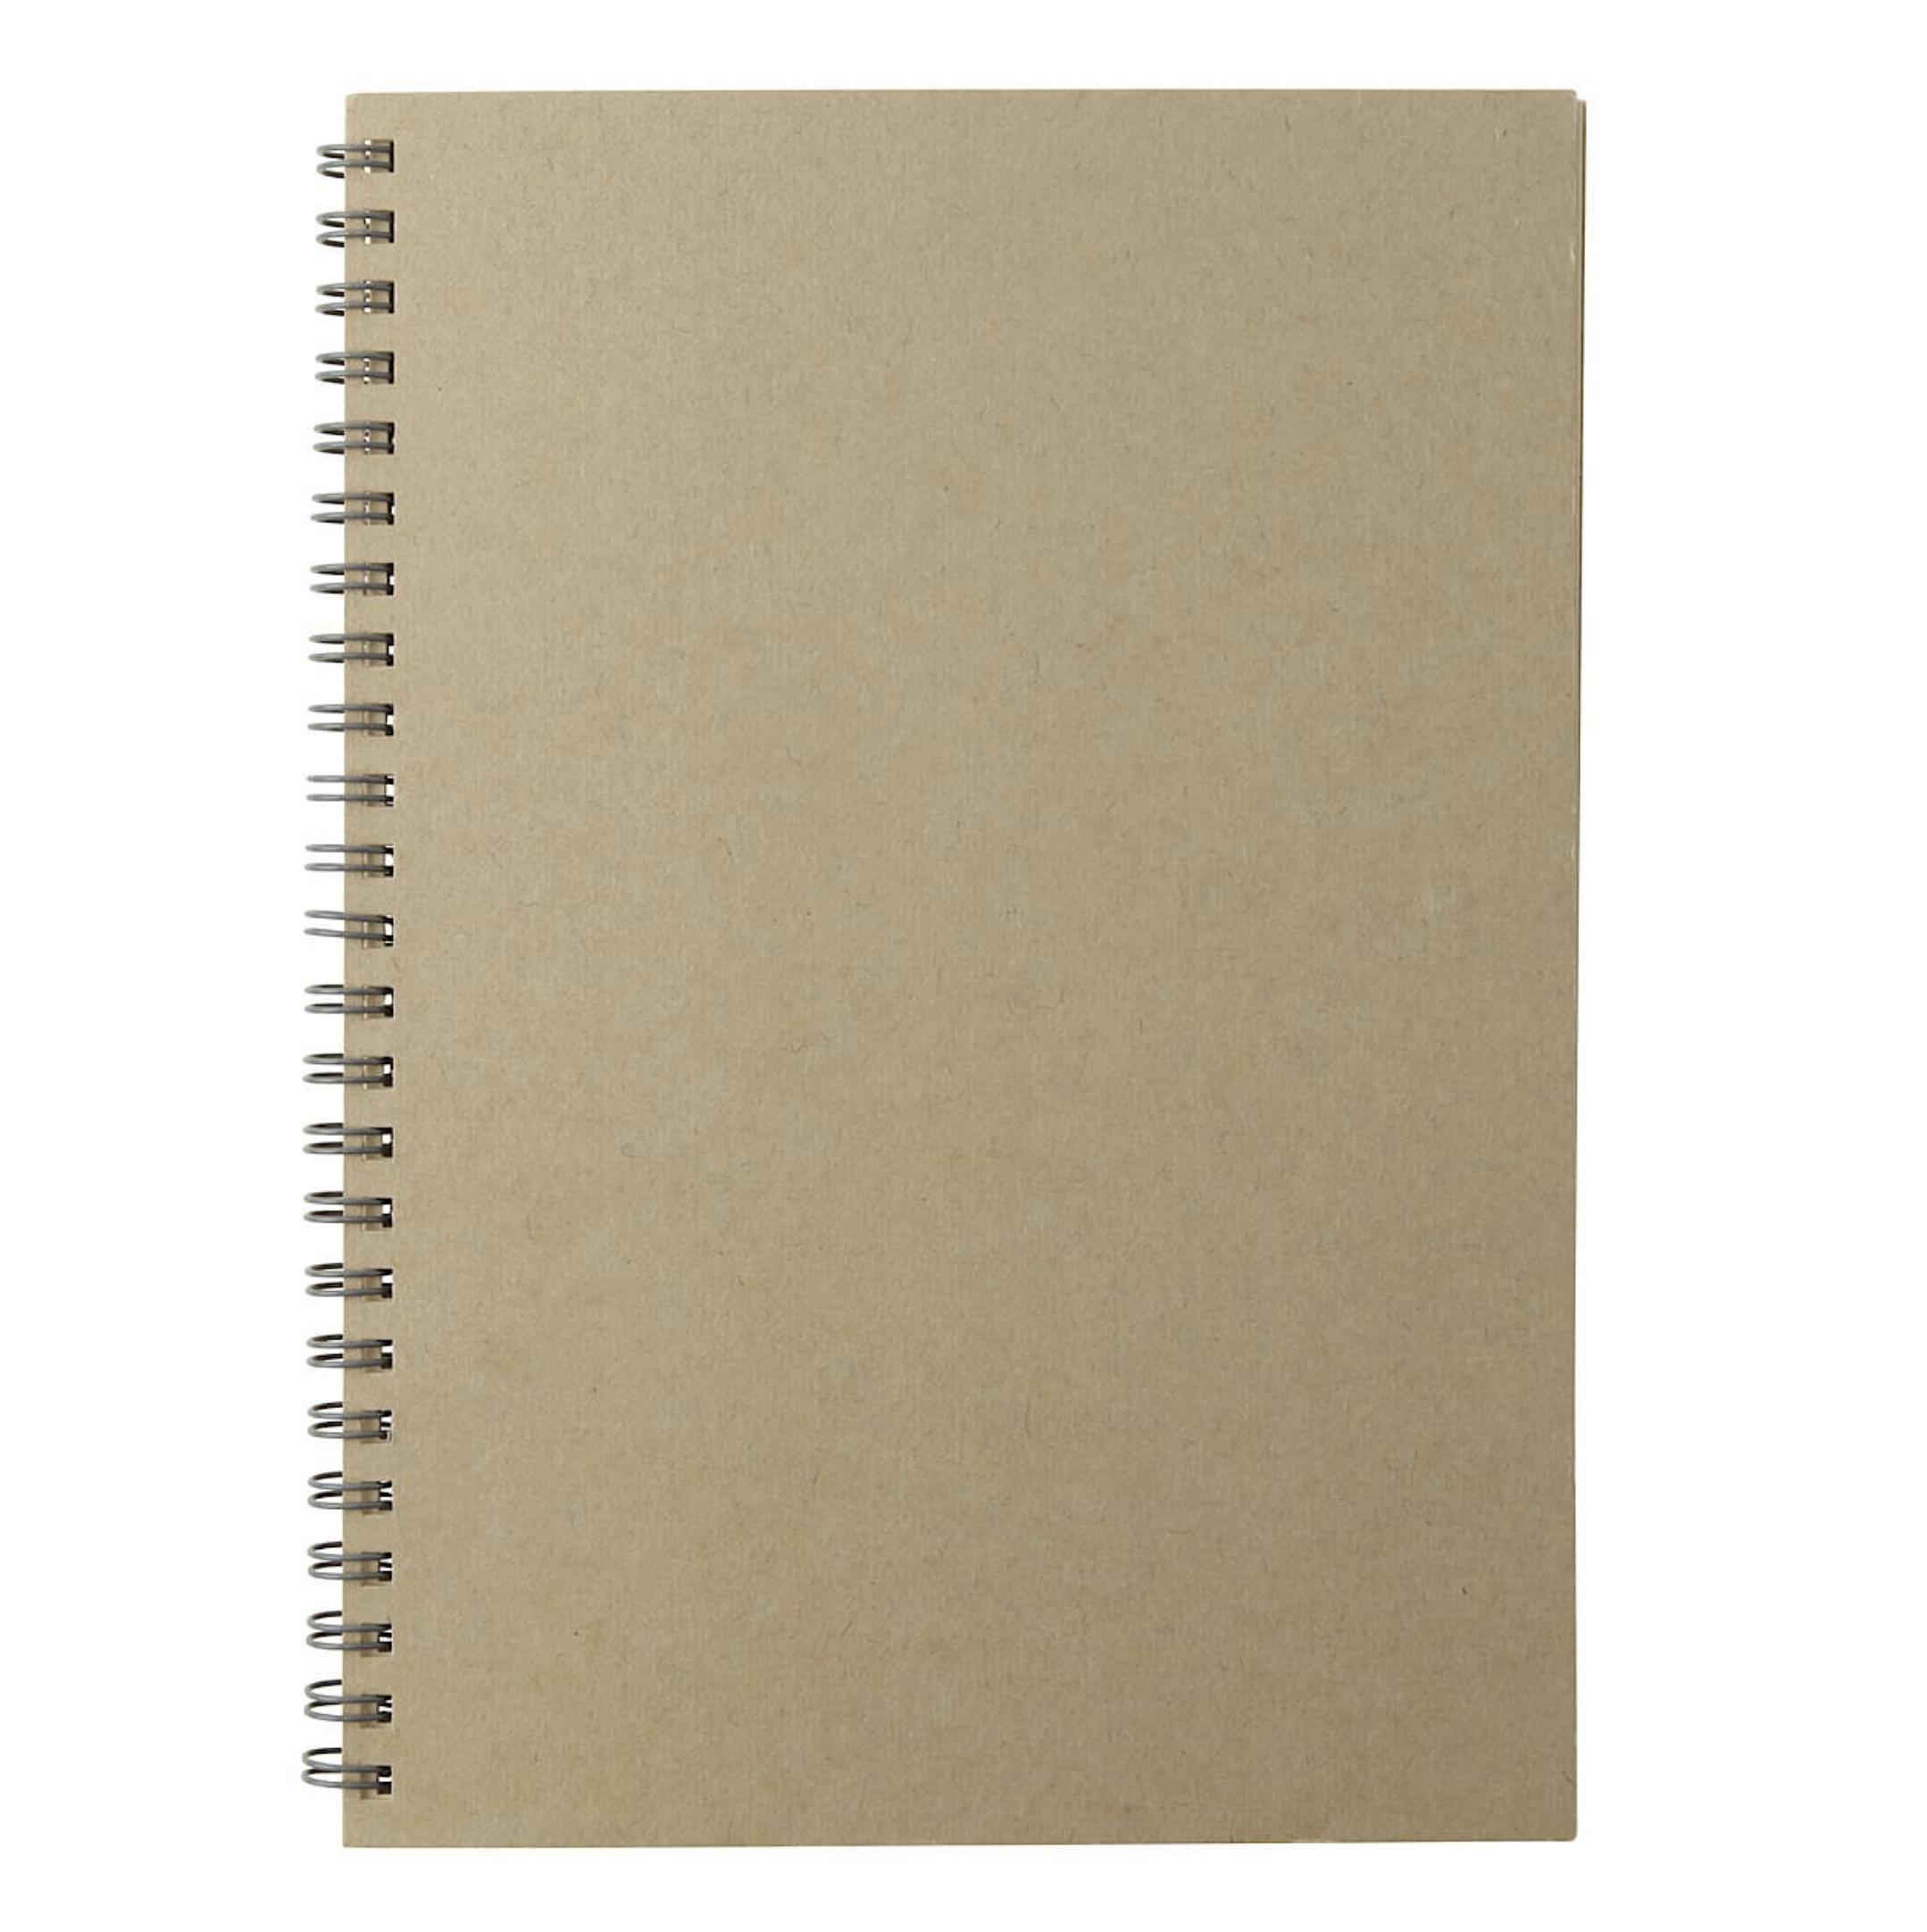 クラフトデスクノート(スケジュール)・マンスリー A5